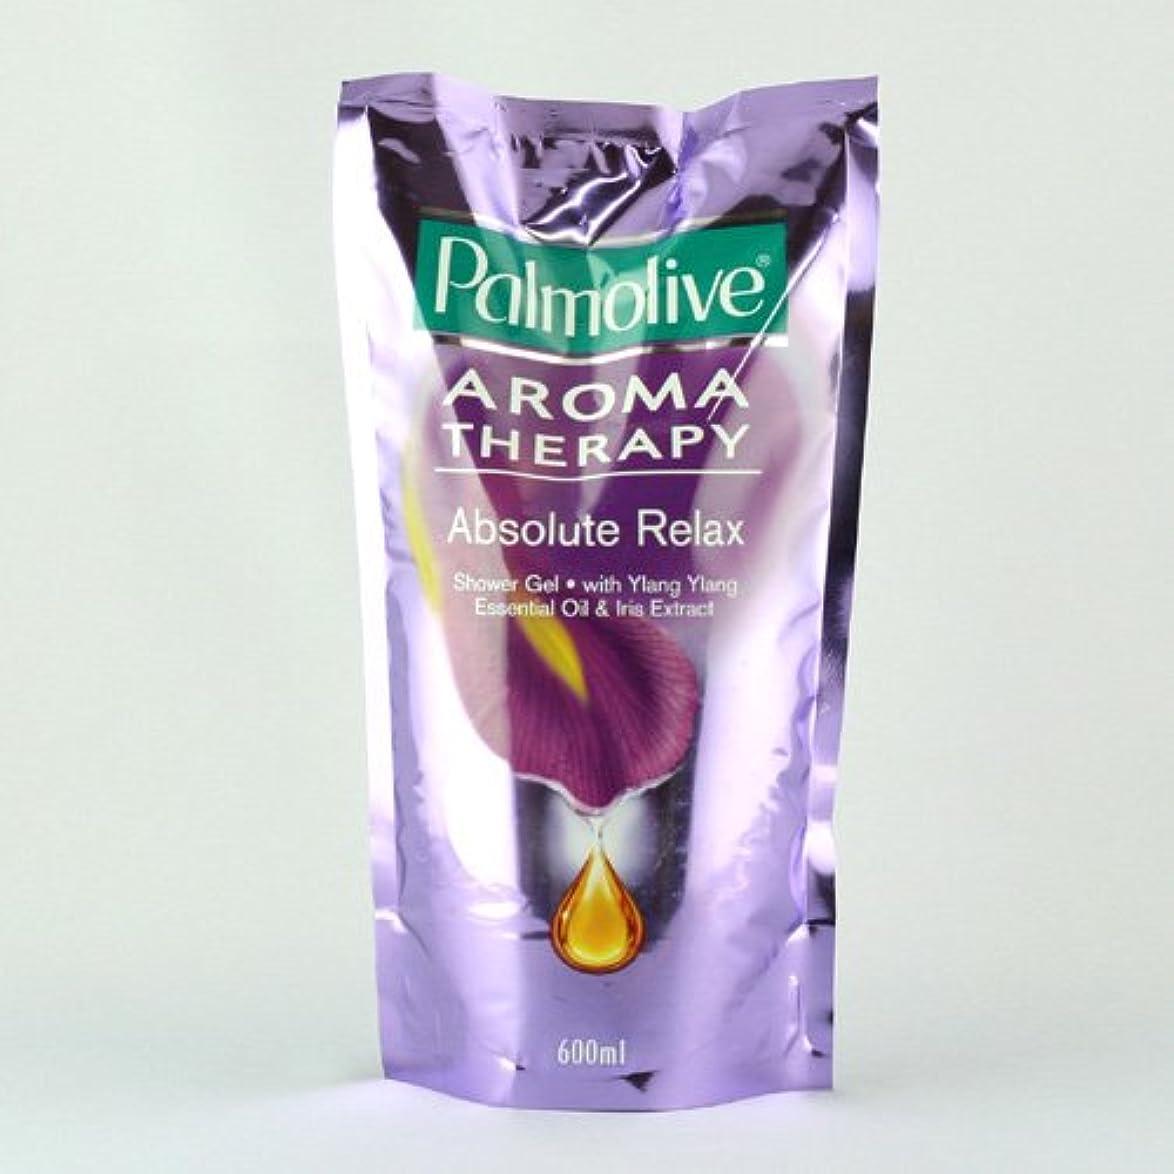 声を出して食用微視的【Palmolive】パルモリーブ シャワージェル詰め替え用(アブスルートリラックス) 600ml / 25oz